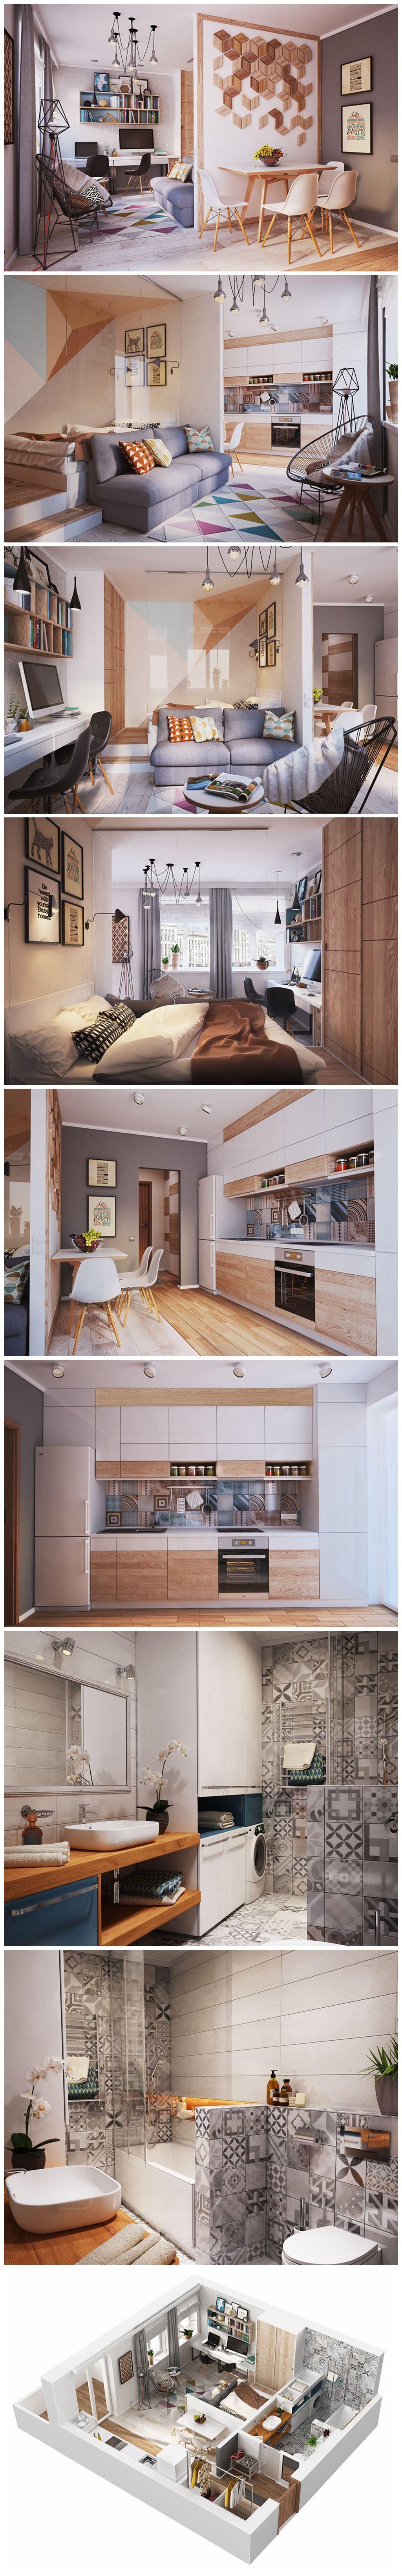 50 M² Small Apartment Interior Design Idea